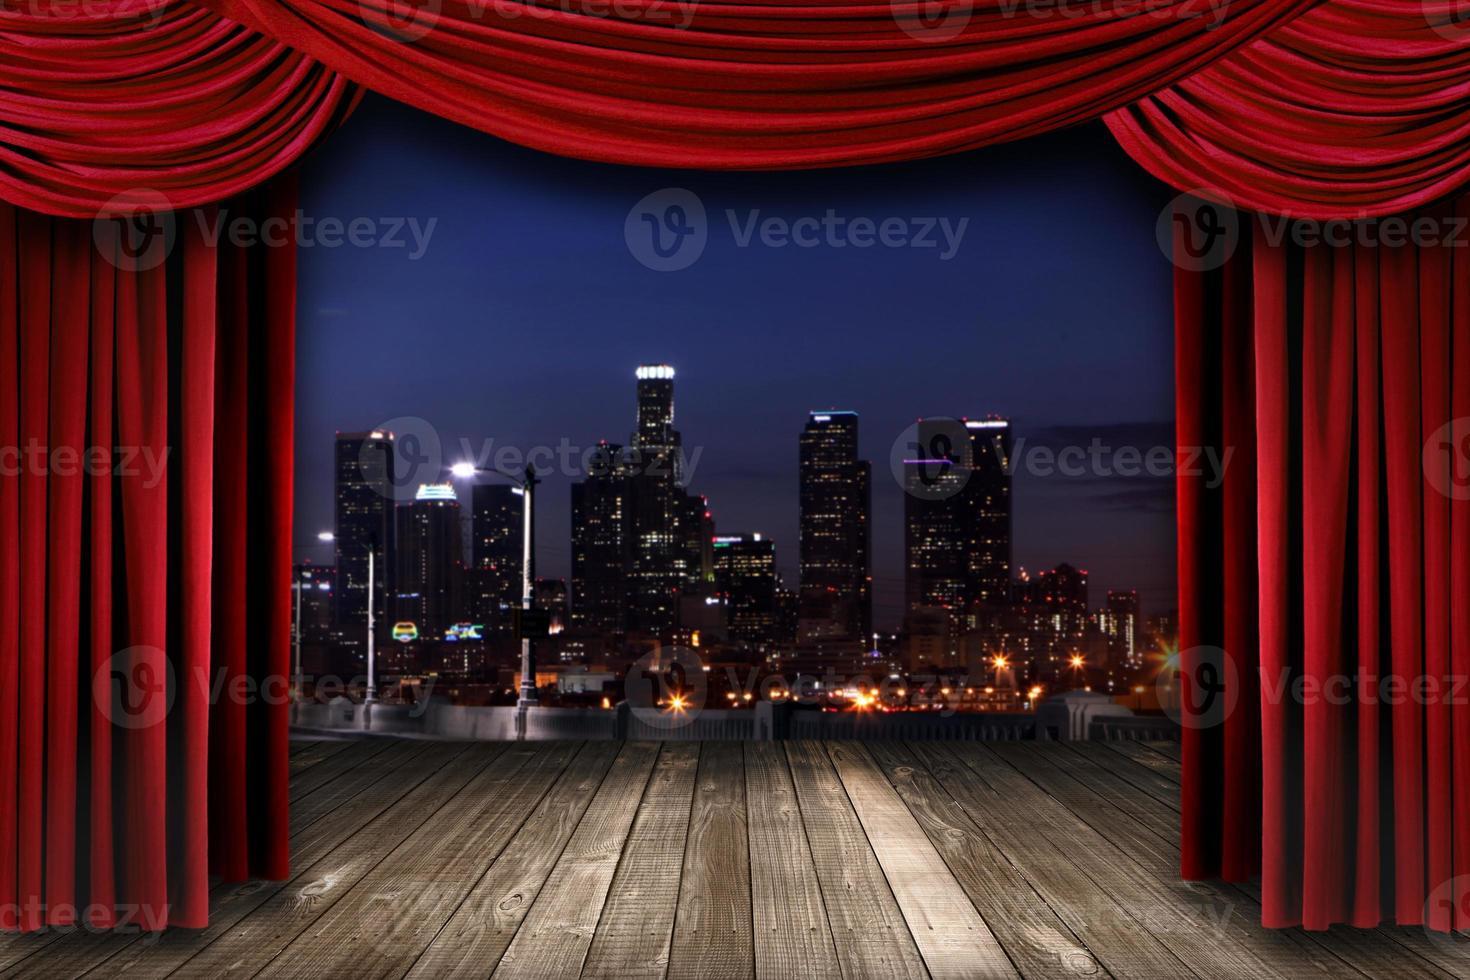 drappi del sipario del teatro con una città notturna come sfondo foto